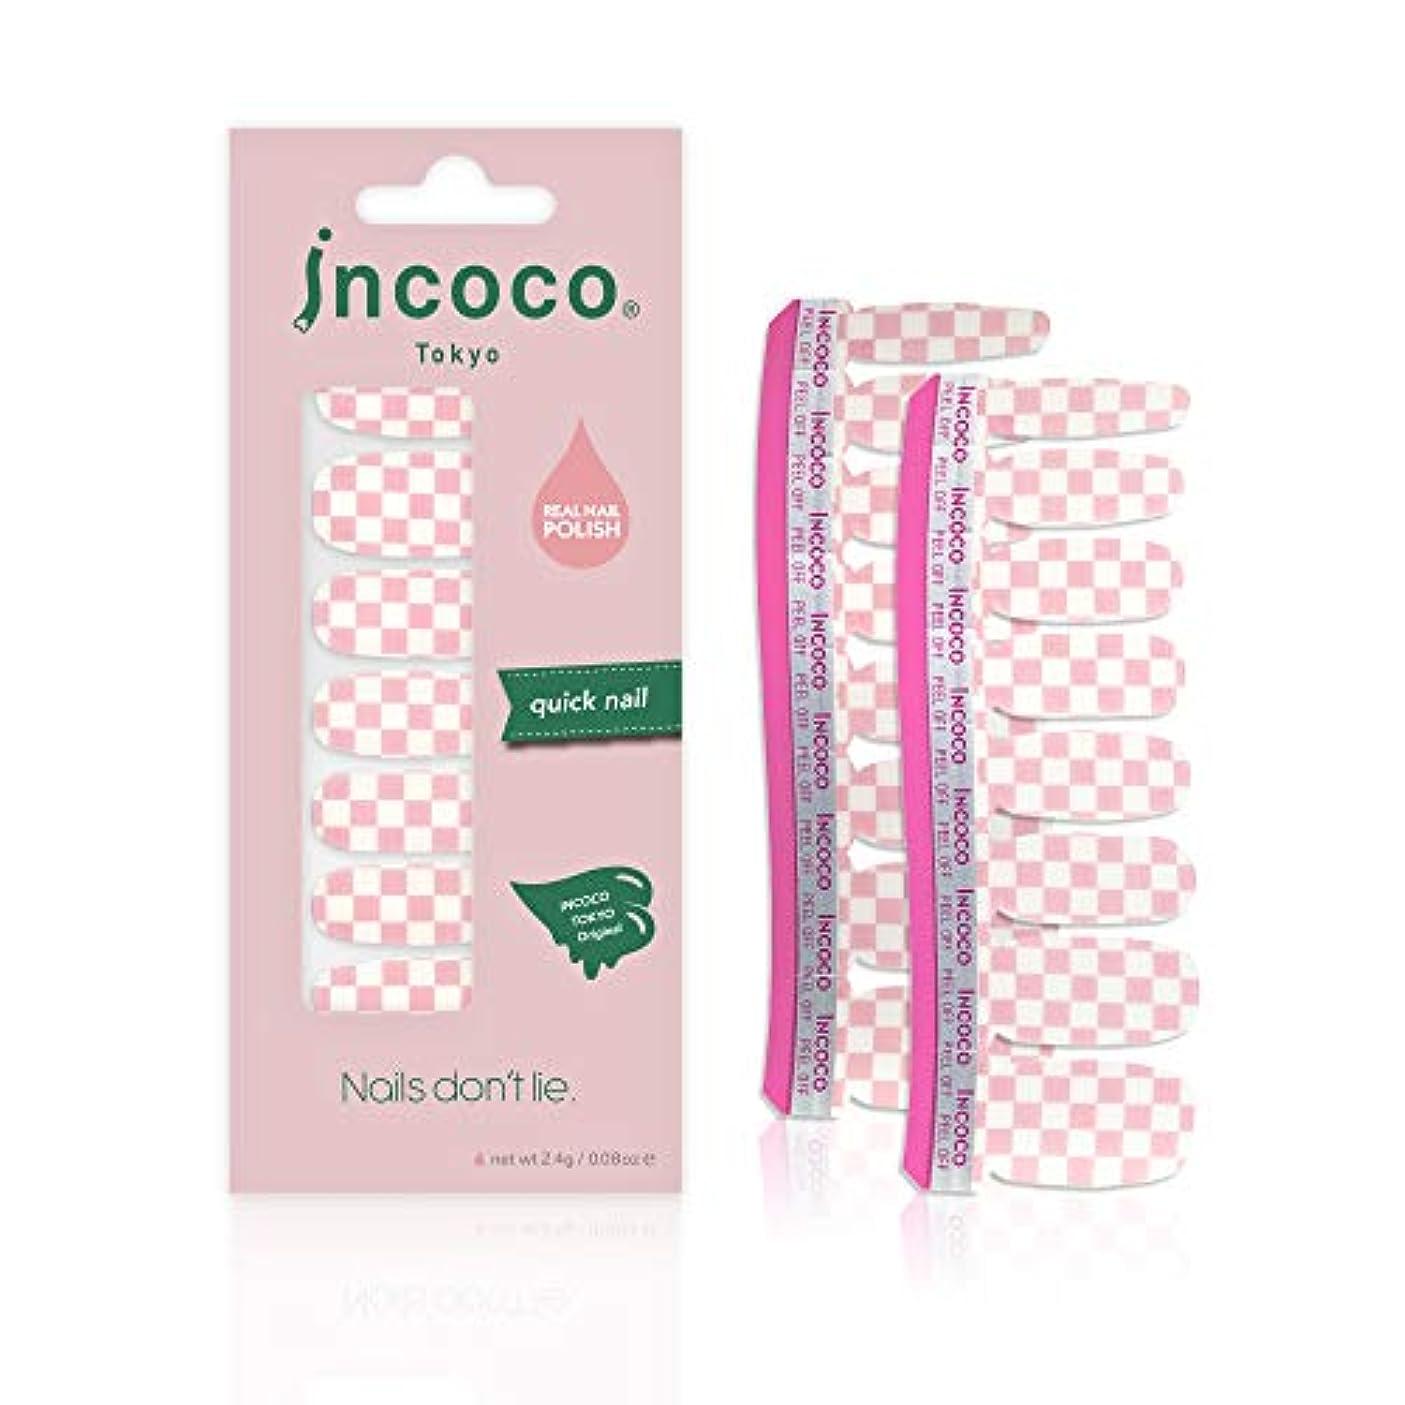 機械的柔らかいに付けるインココ トーキョー 「ピンク チェッカー」 (Pink Checker)